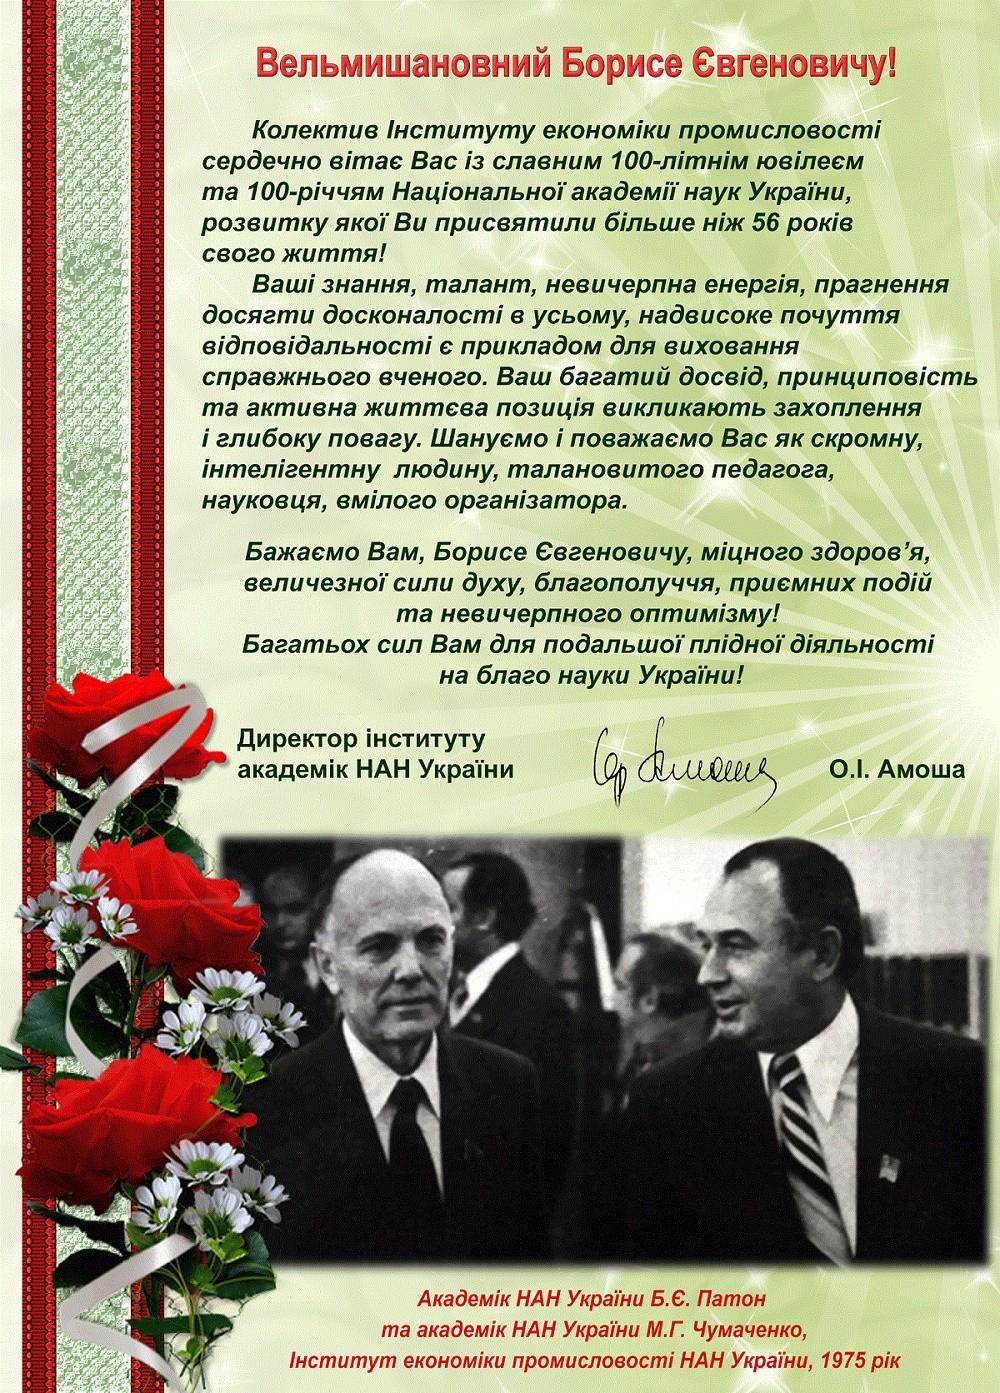 Привітання Президента НАН України академіка Б.Є. Патона зі 100-літнім ювілеєм